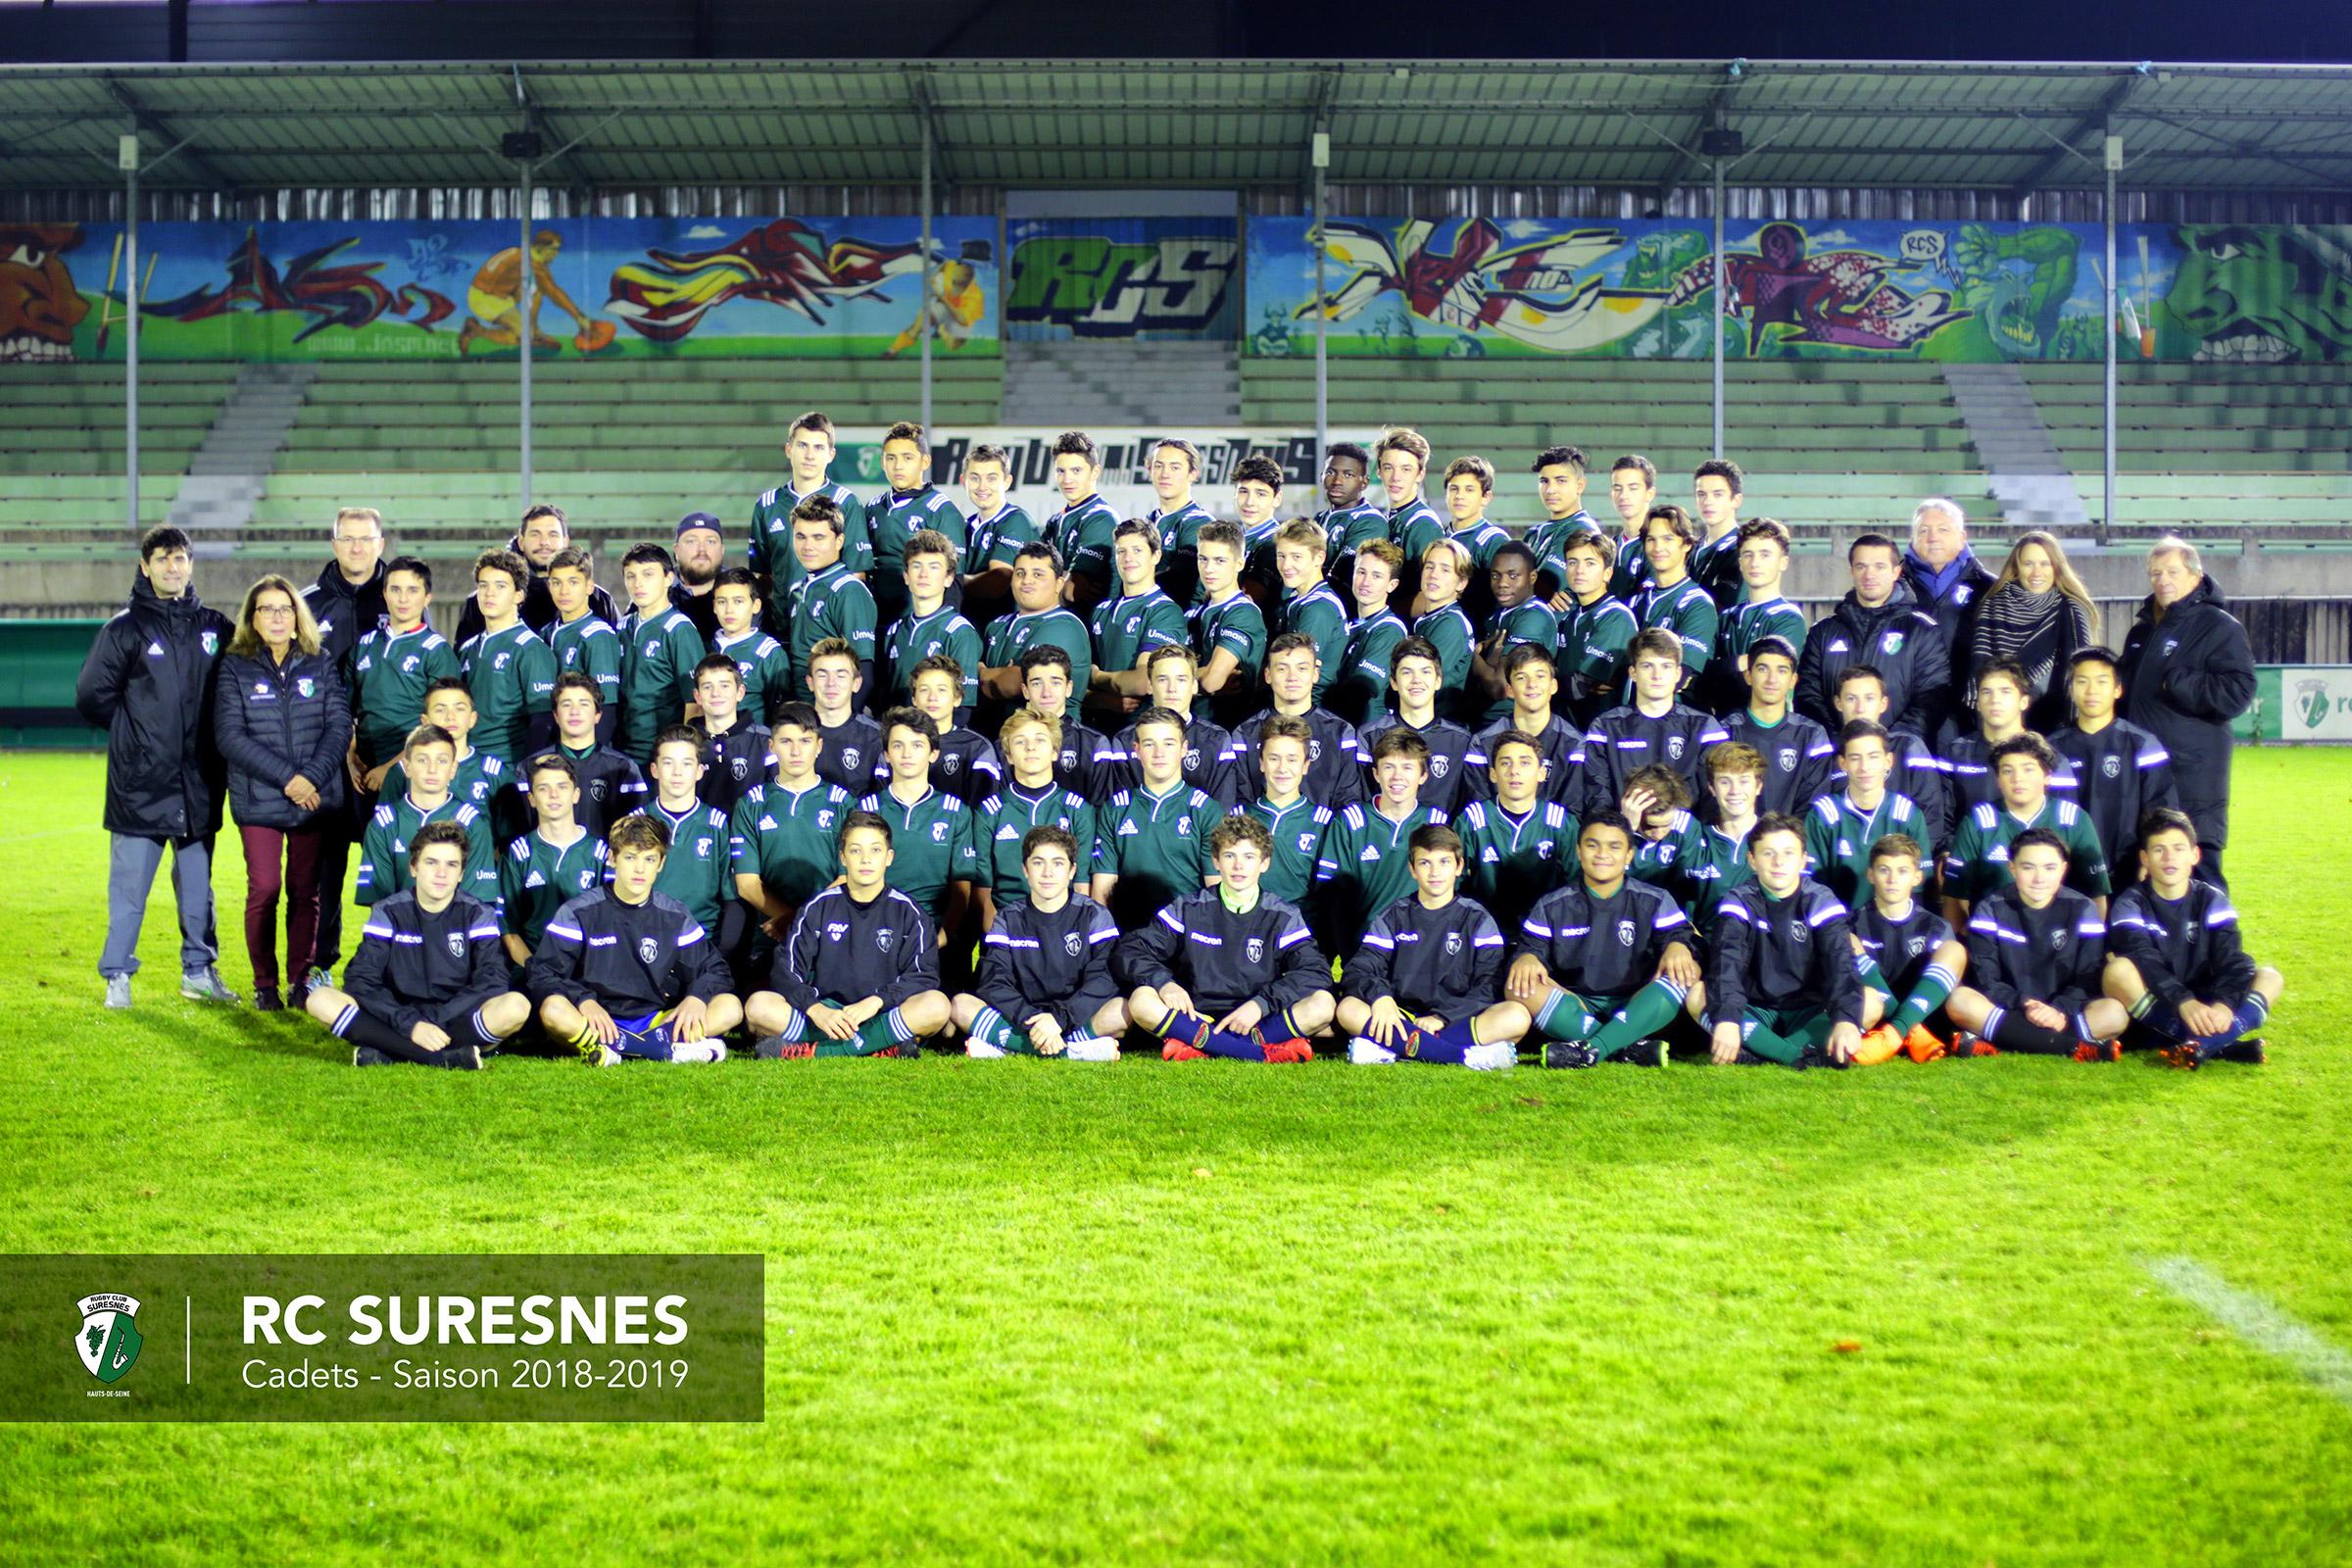 Cadets saison 2018-2019 / Gaudermen & Teulière A